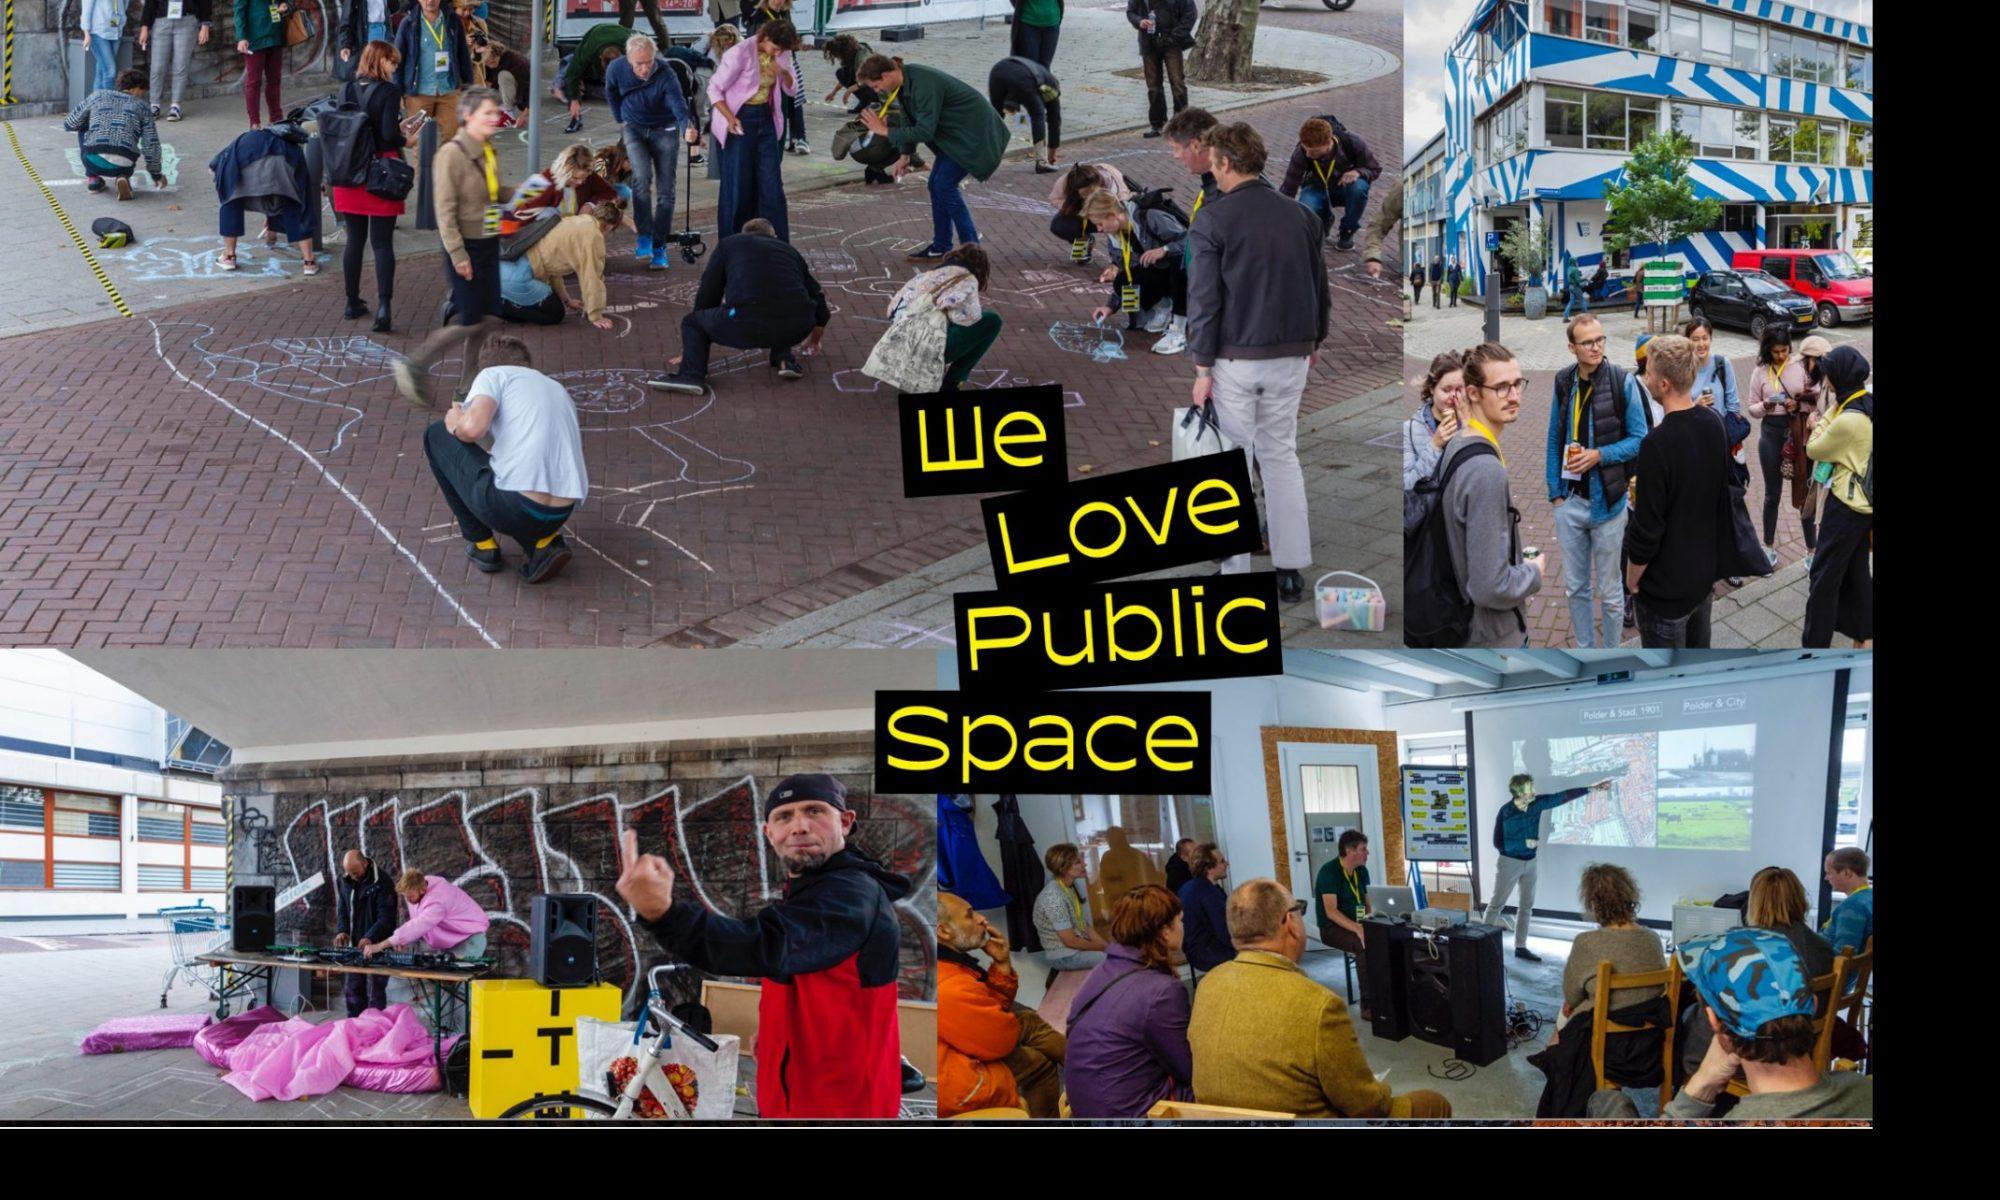 we love public space